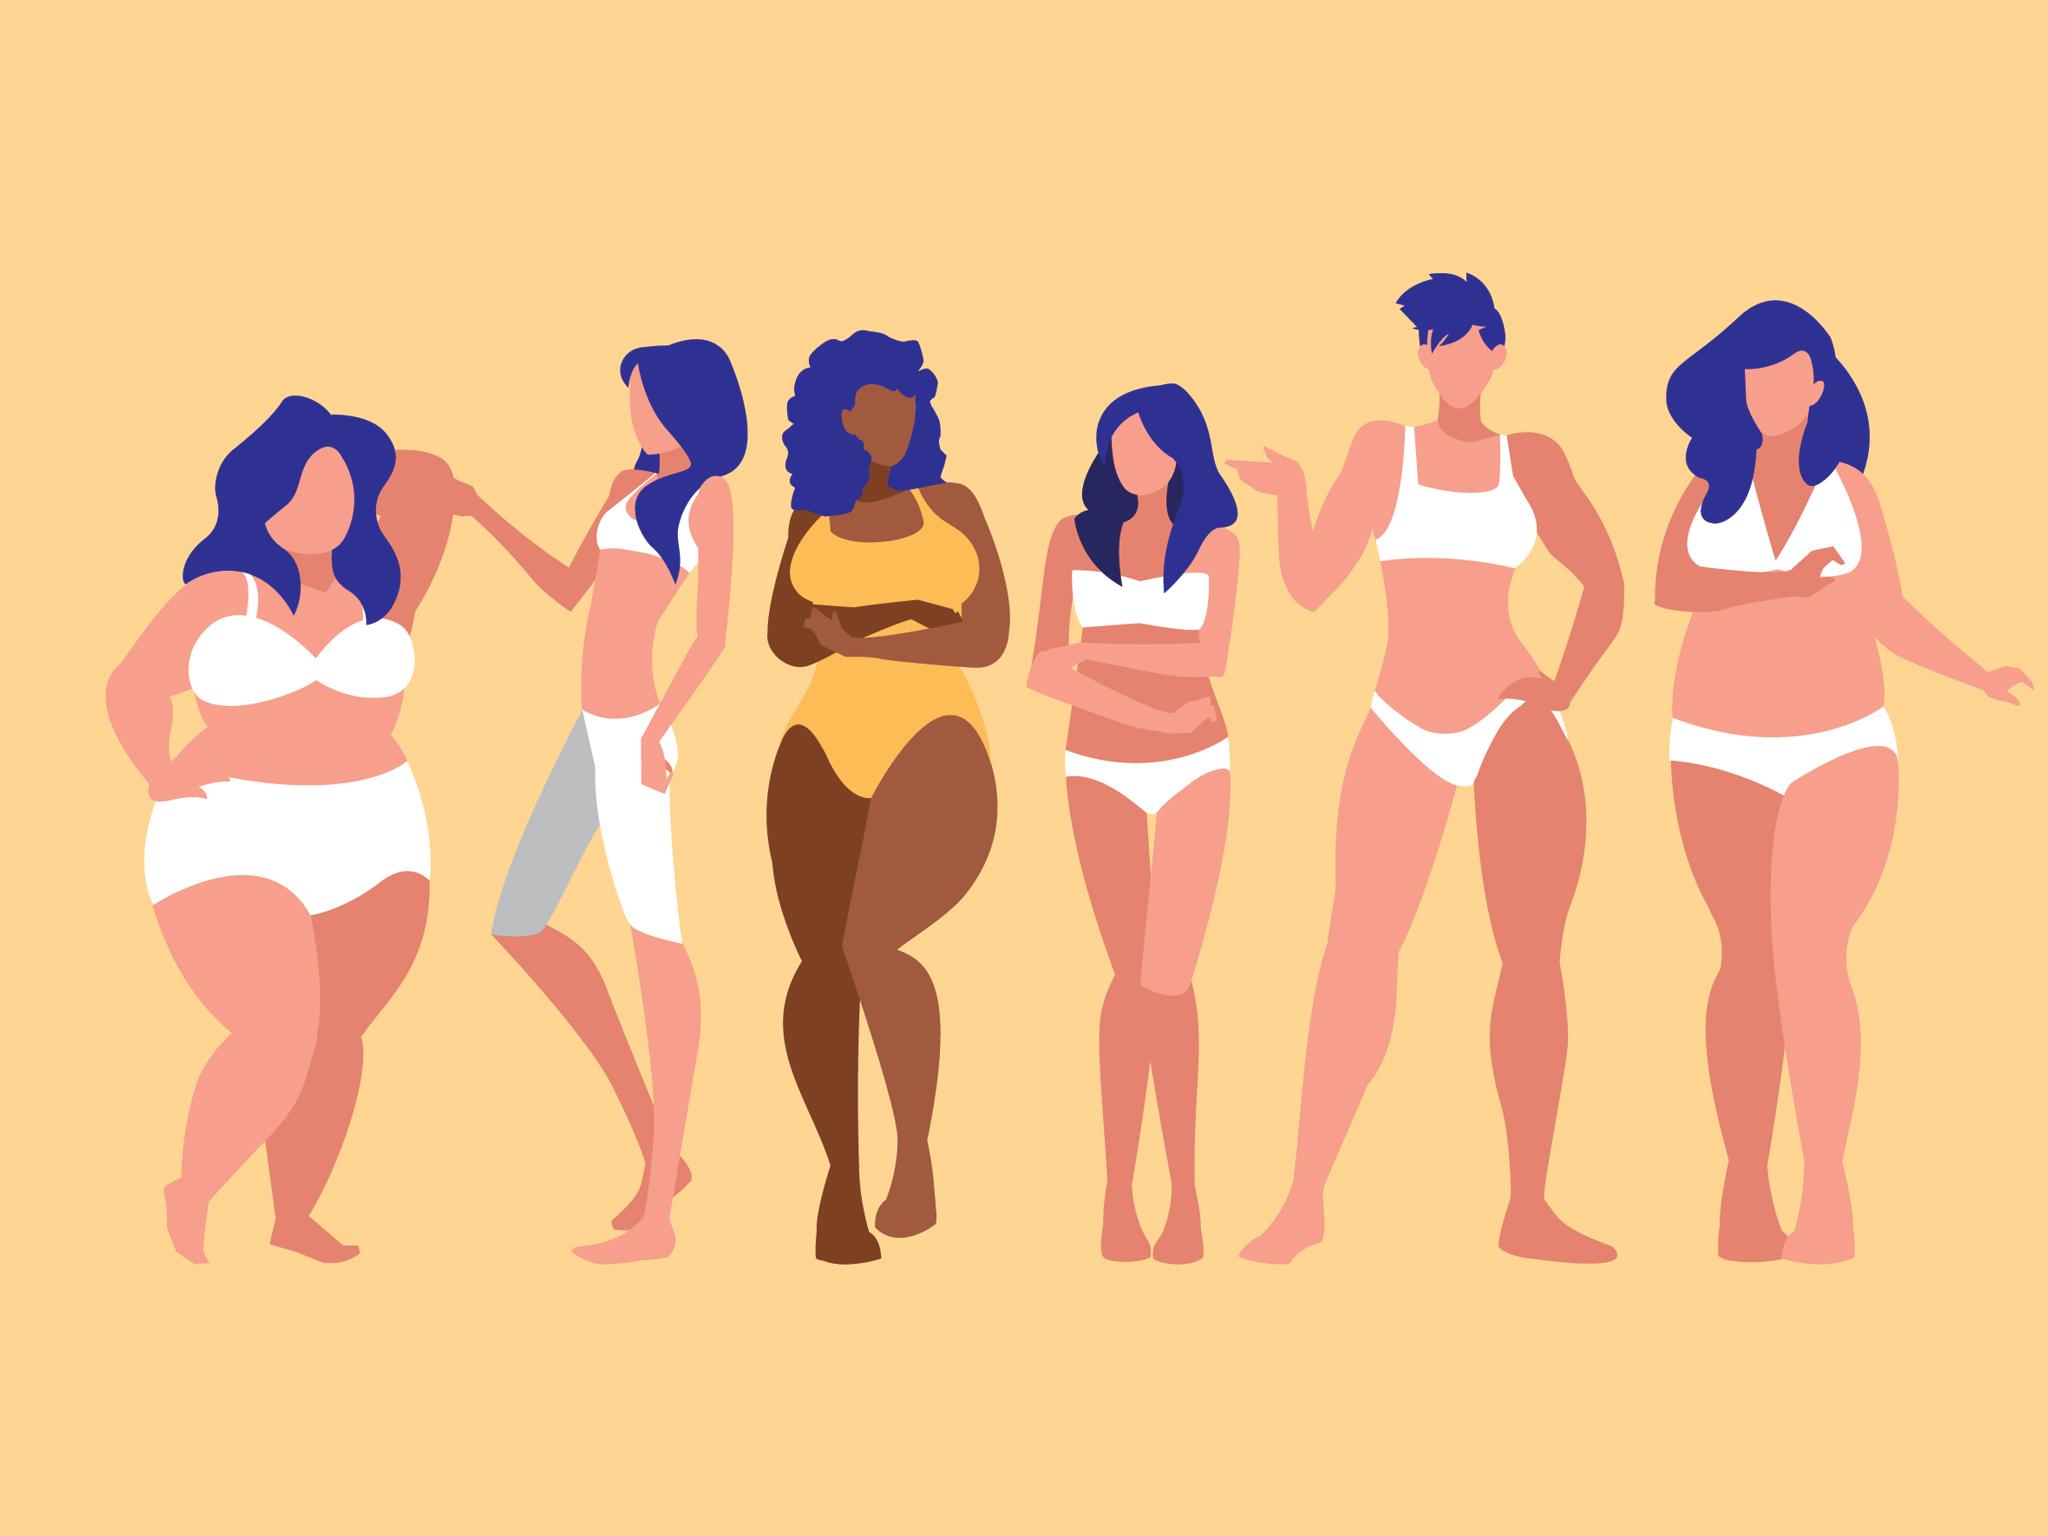 Ilustración de mujeres de diferentes cuerpos